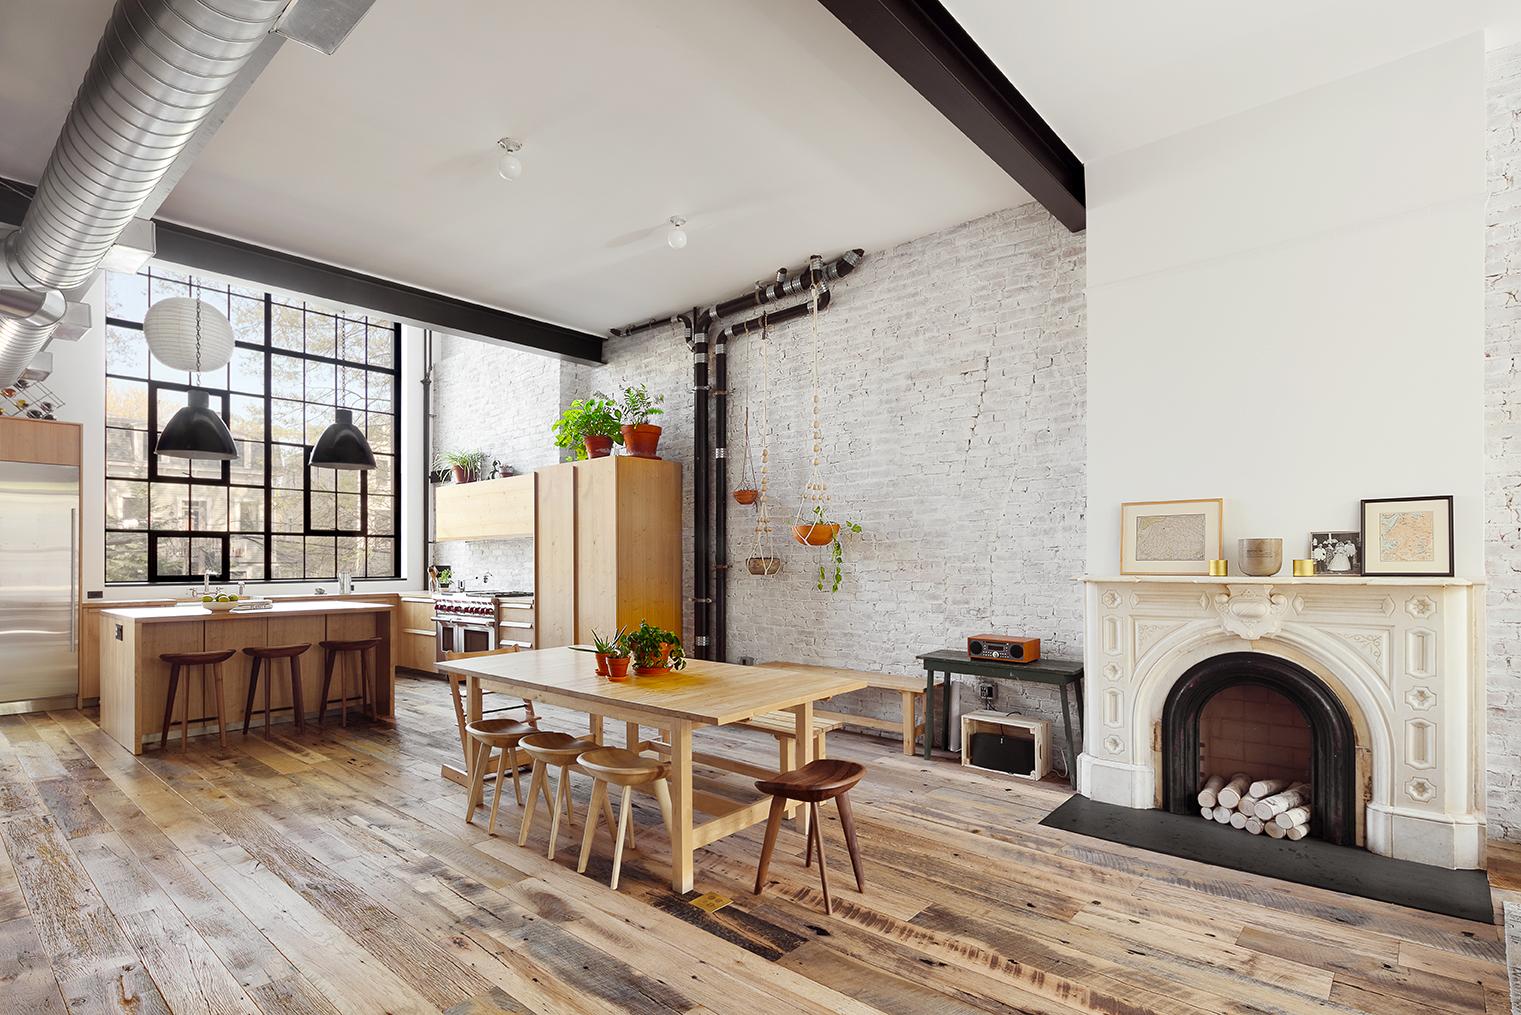 121 st James place - 5 Bed | 3.5 Bath | Clinton Hill | $16,000